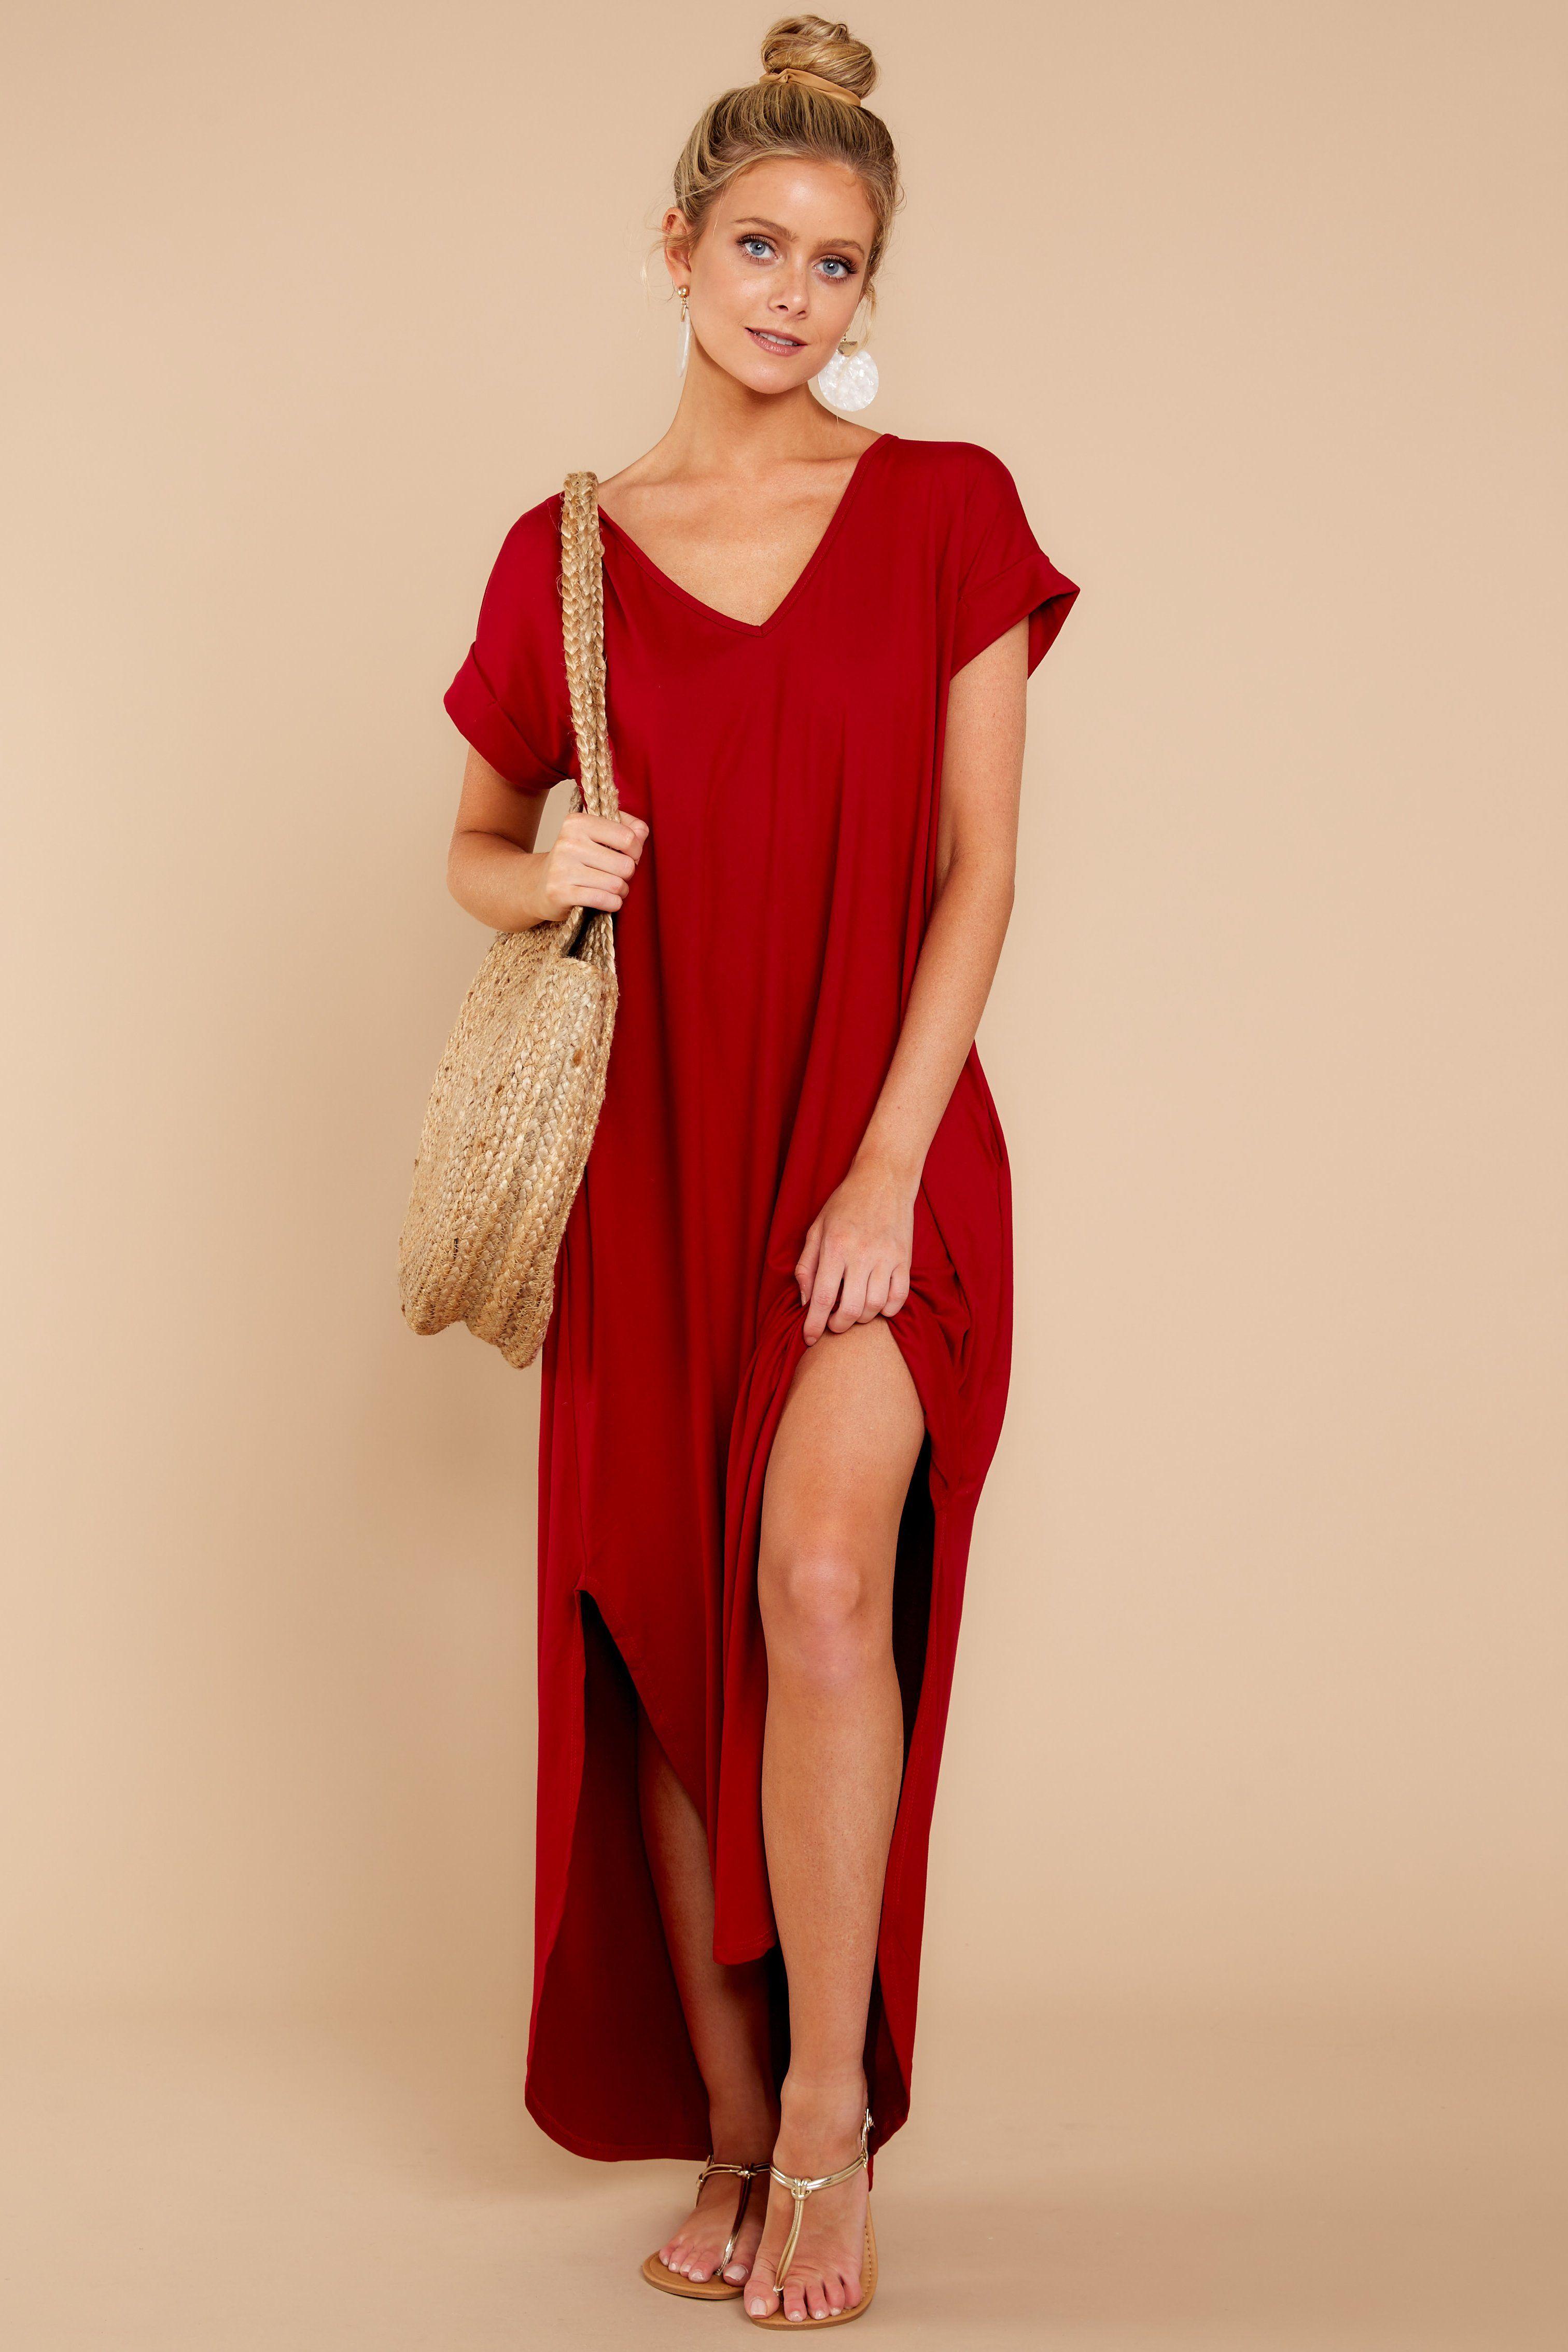 46+ Red maxi dress ideas